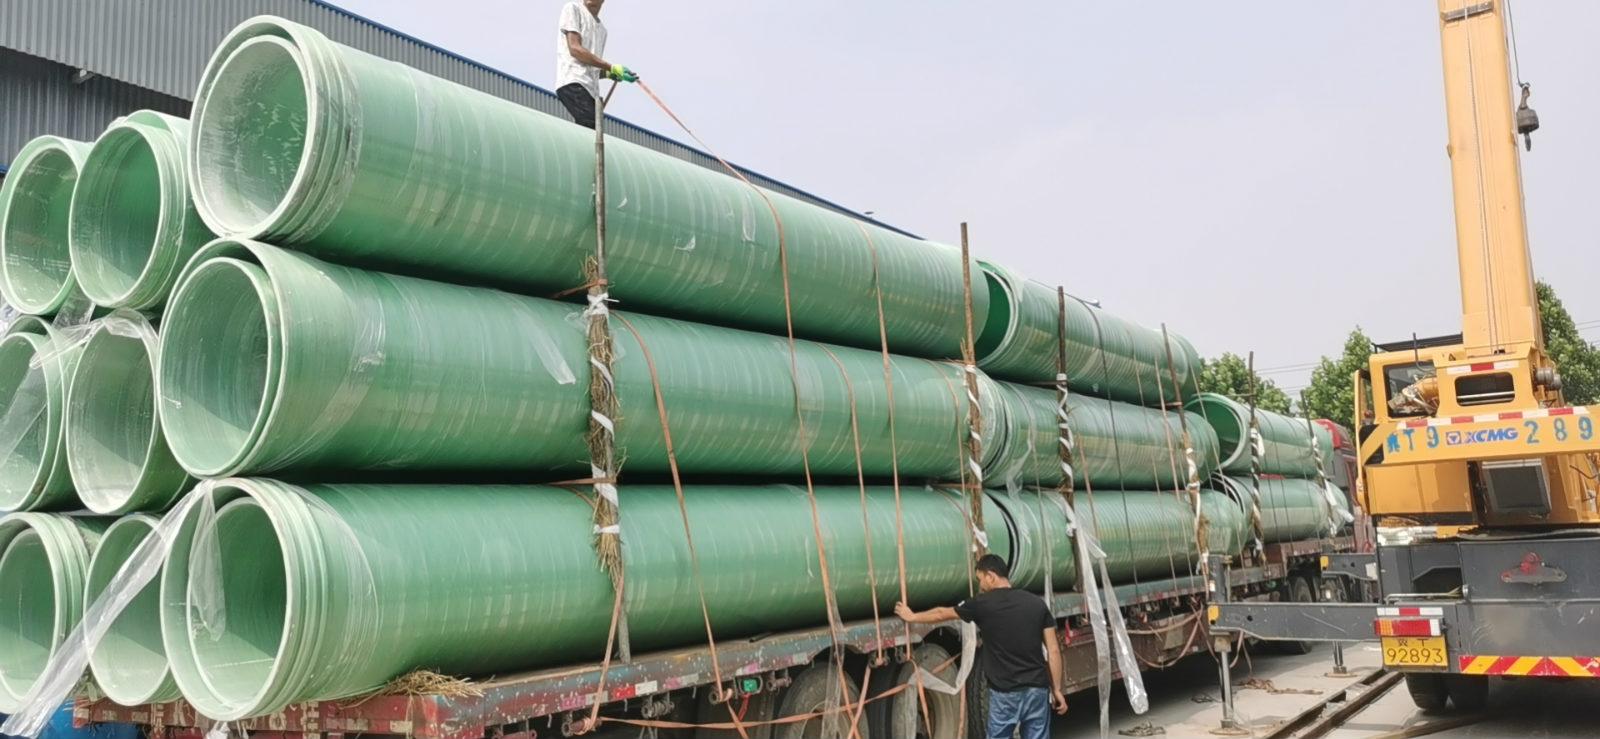 衢州直径350公分玻璃钢管道厂家批量销售